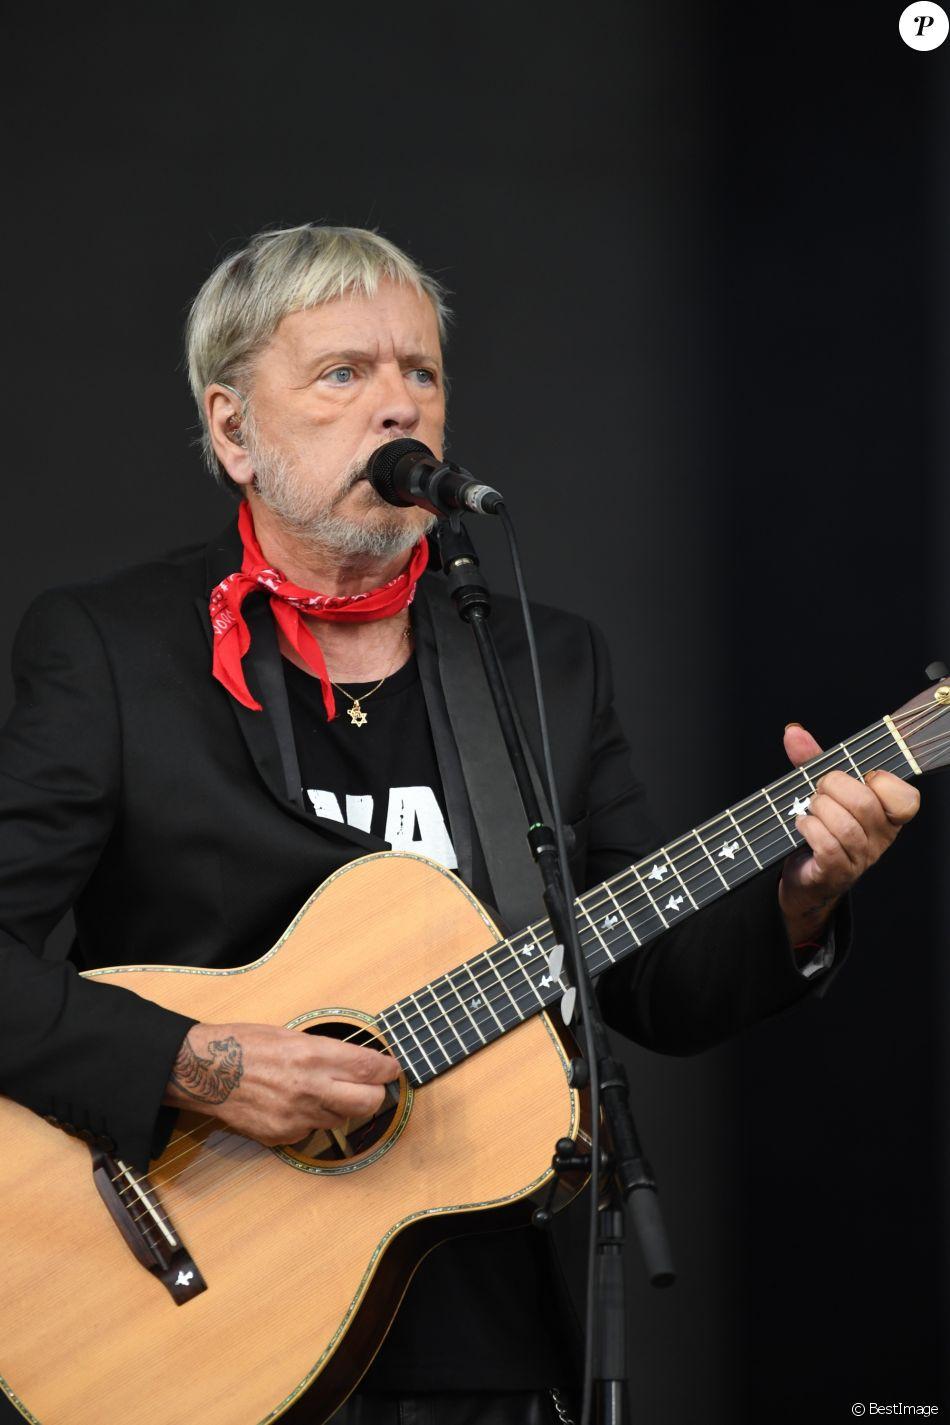 Renaud chante lors du 3ème jour de la Fête de l'Humanité à la Courneuve le 17 septembre 2017.